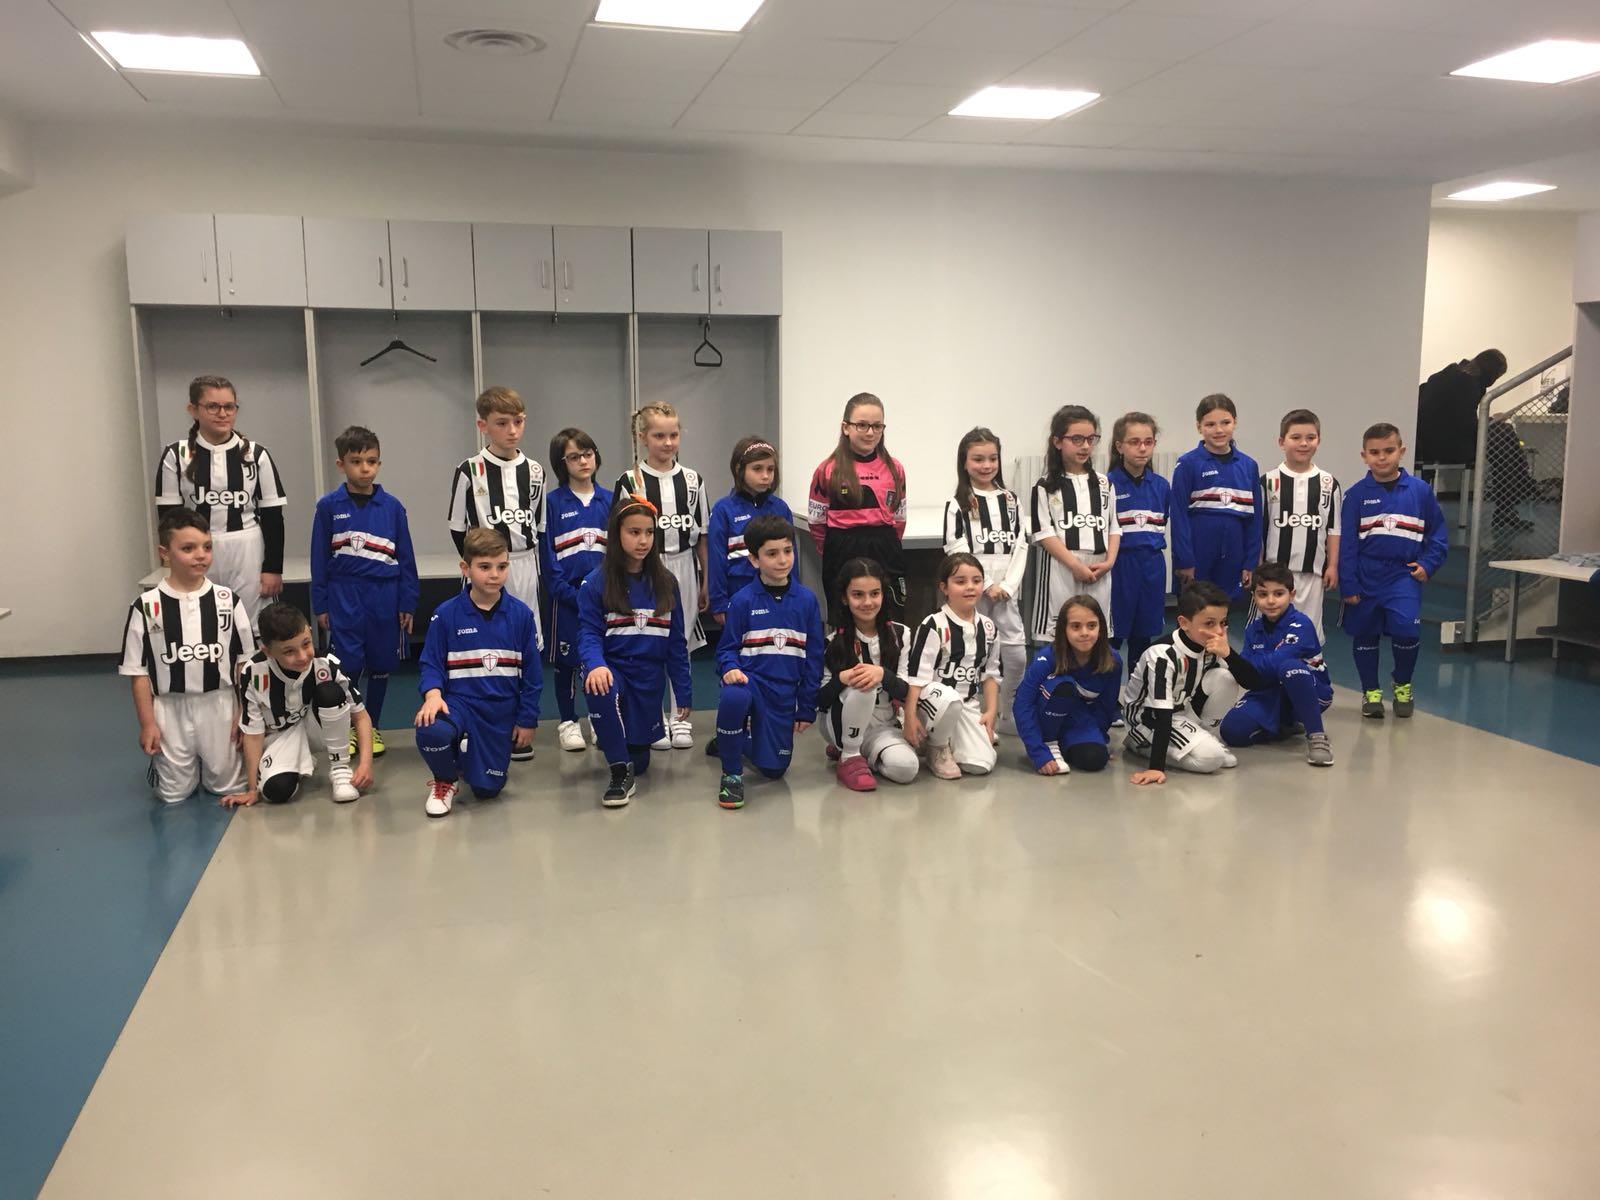 Deca zaposlenih u kompaniji  FCA Srbija na terenu sa fudbalerima Juventusa